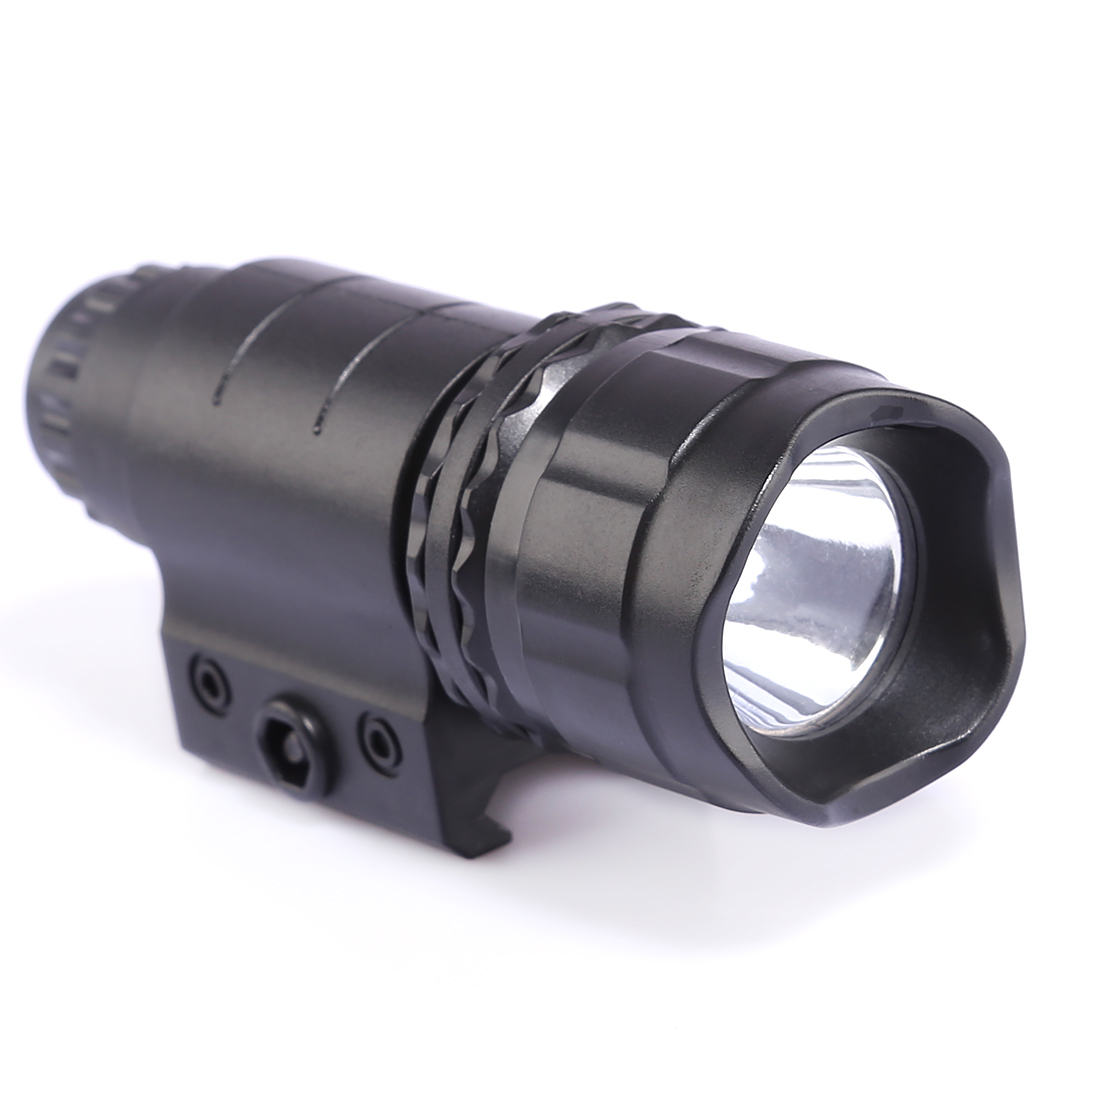 Plastic Tactical LED High Brightness White Light Flashlight For Nerf Toy Gun Black Front Tube Decoration For Jinming 8 Blaster